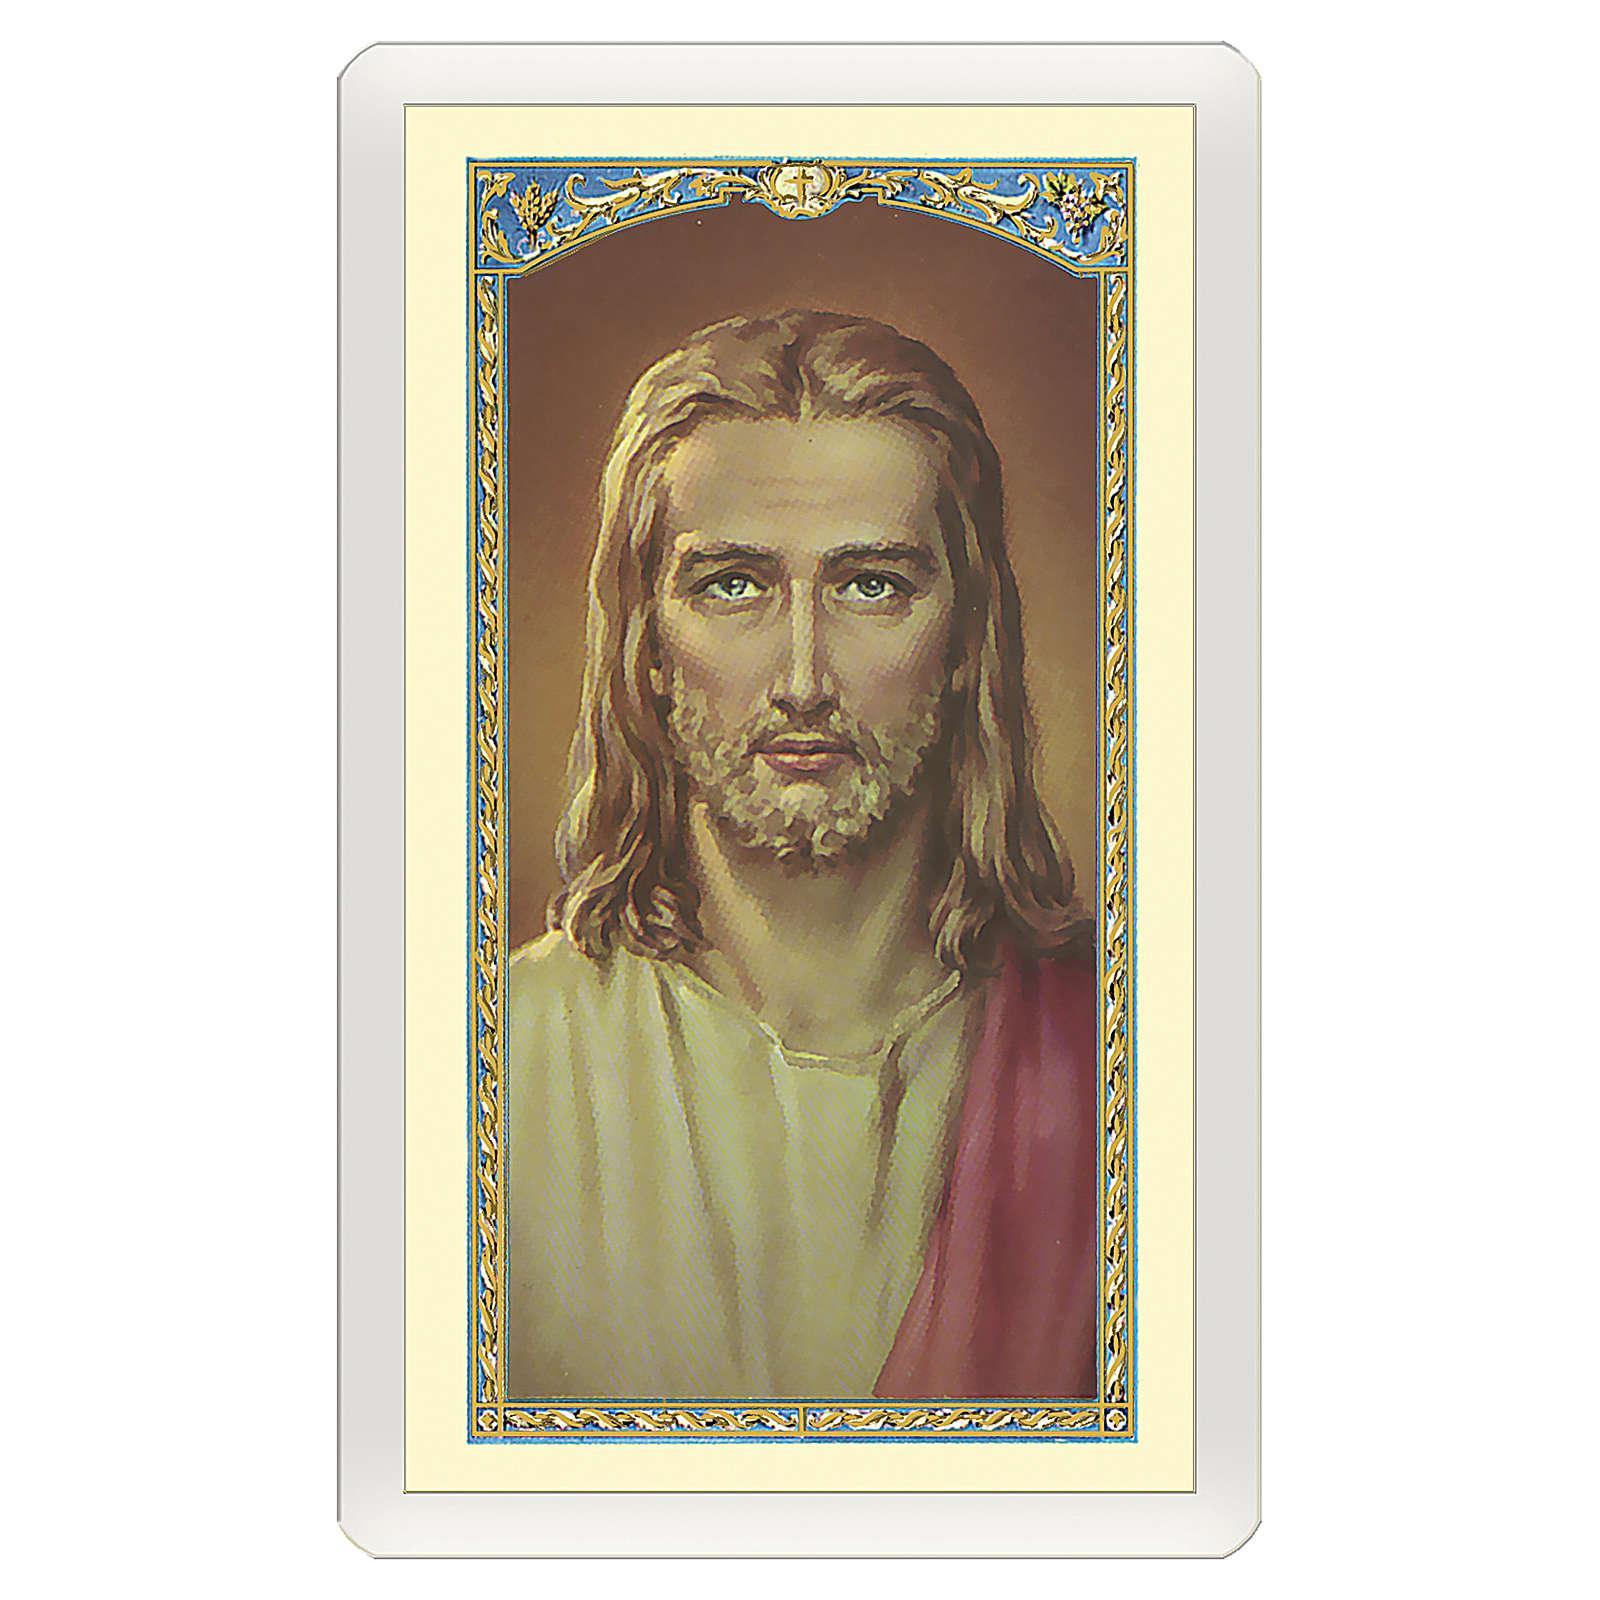 Santino Volto di Cristo Inondami del Tuo spirito, Gesù ITA 10x5 4